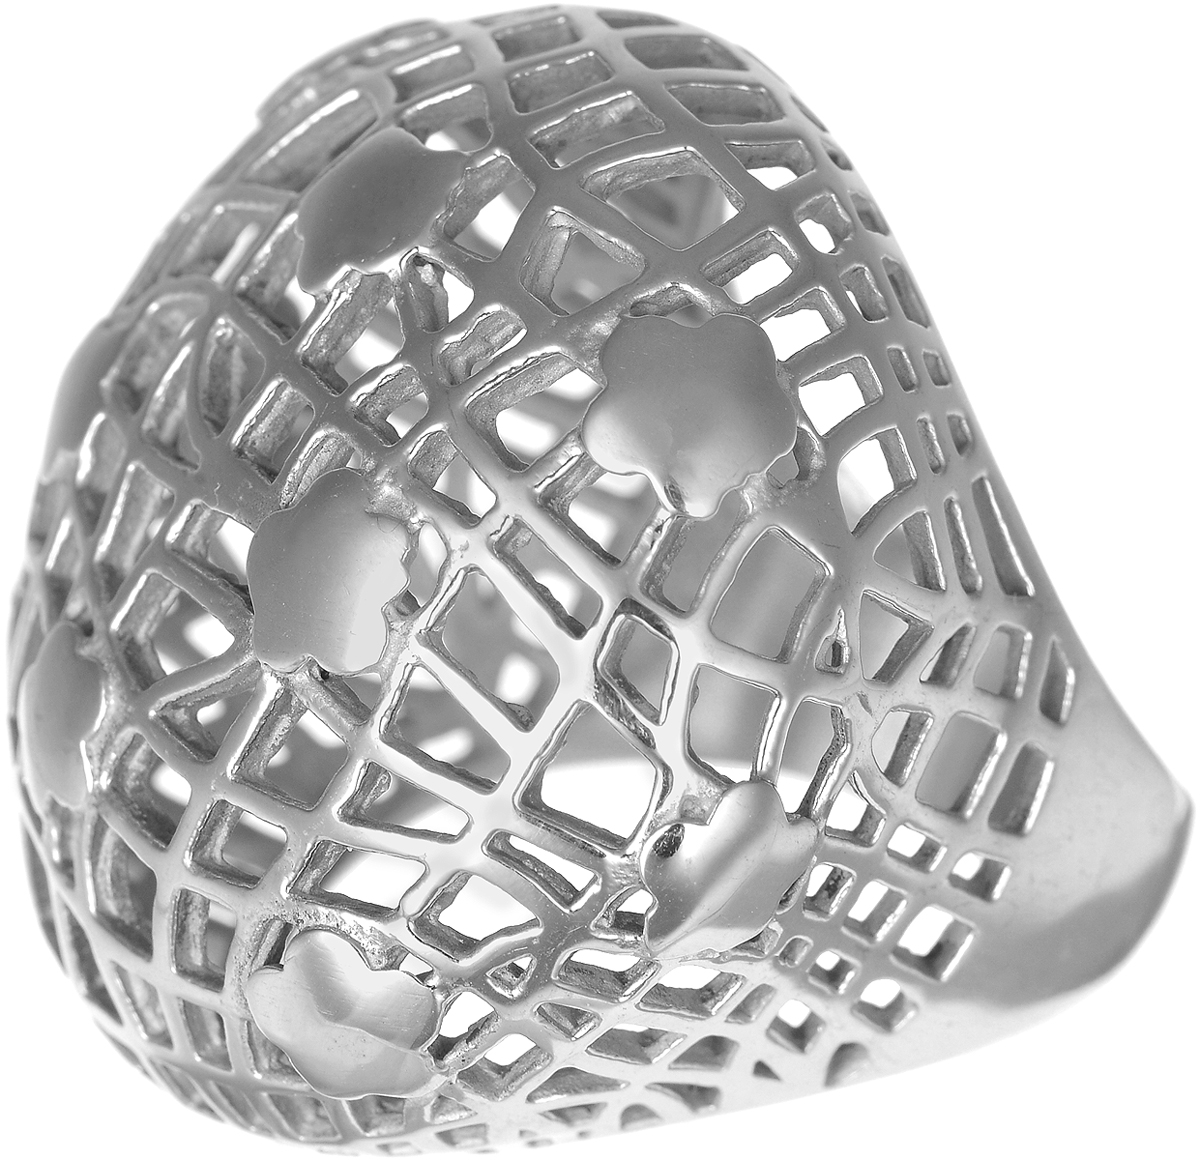 Кольцо Polina Selezneva, цвет: серебристый. DG-0001. Размер 19Коктейльное кольцоСтильное кольцо Polina Selezneva изготовлено из качественного металлического сплава и выполнено в оригинальном дизайне. Массивное кольцо оформлено резным узором.